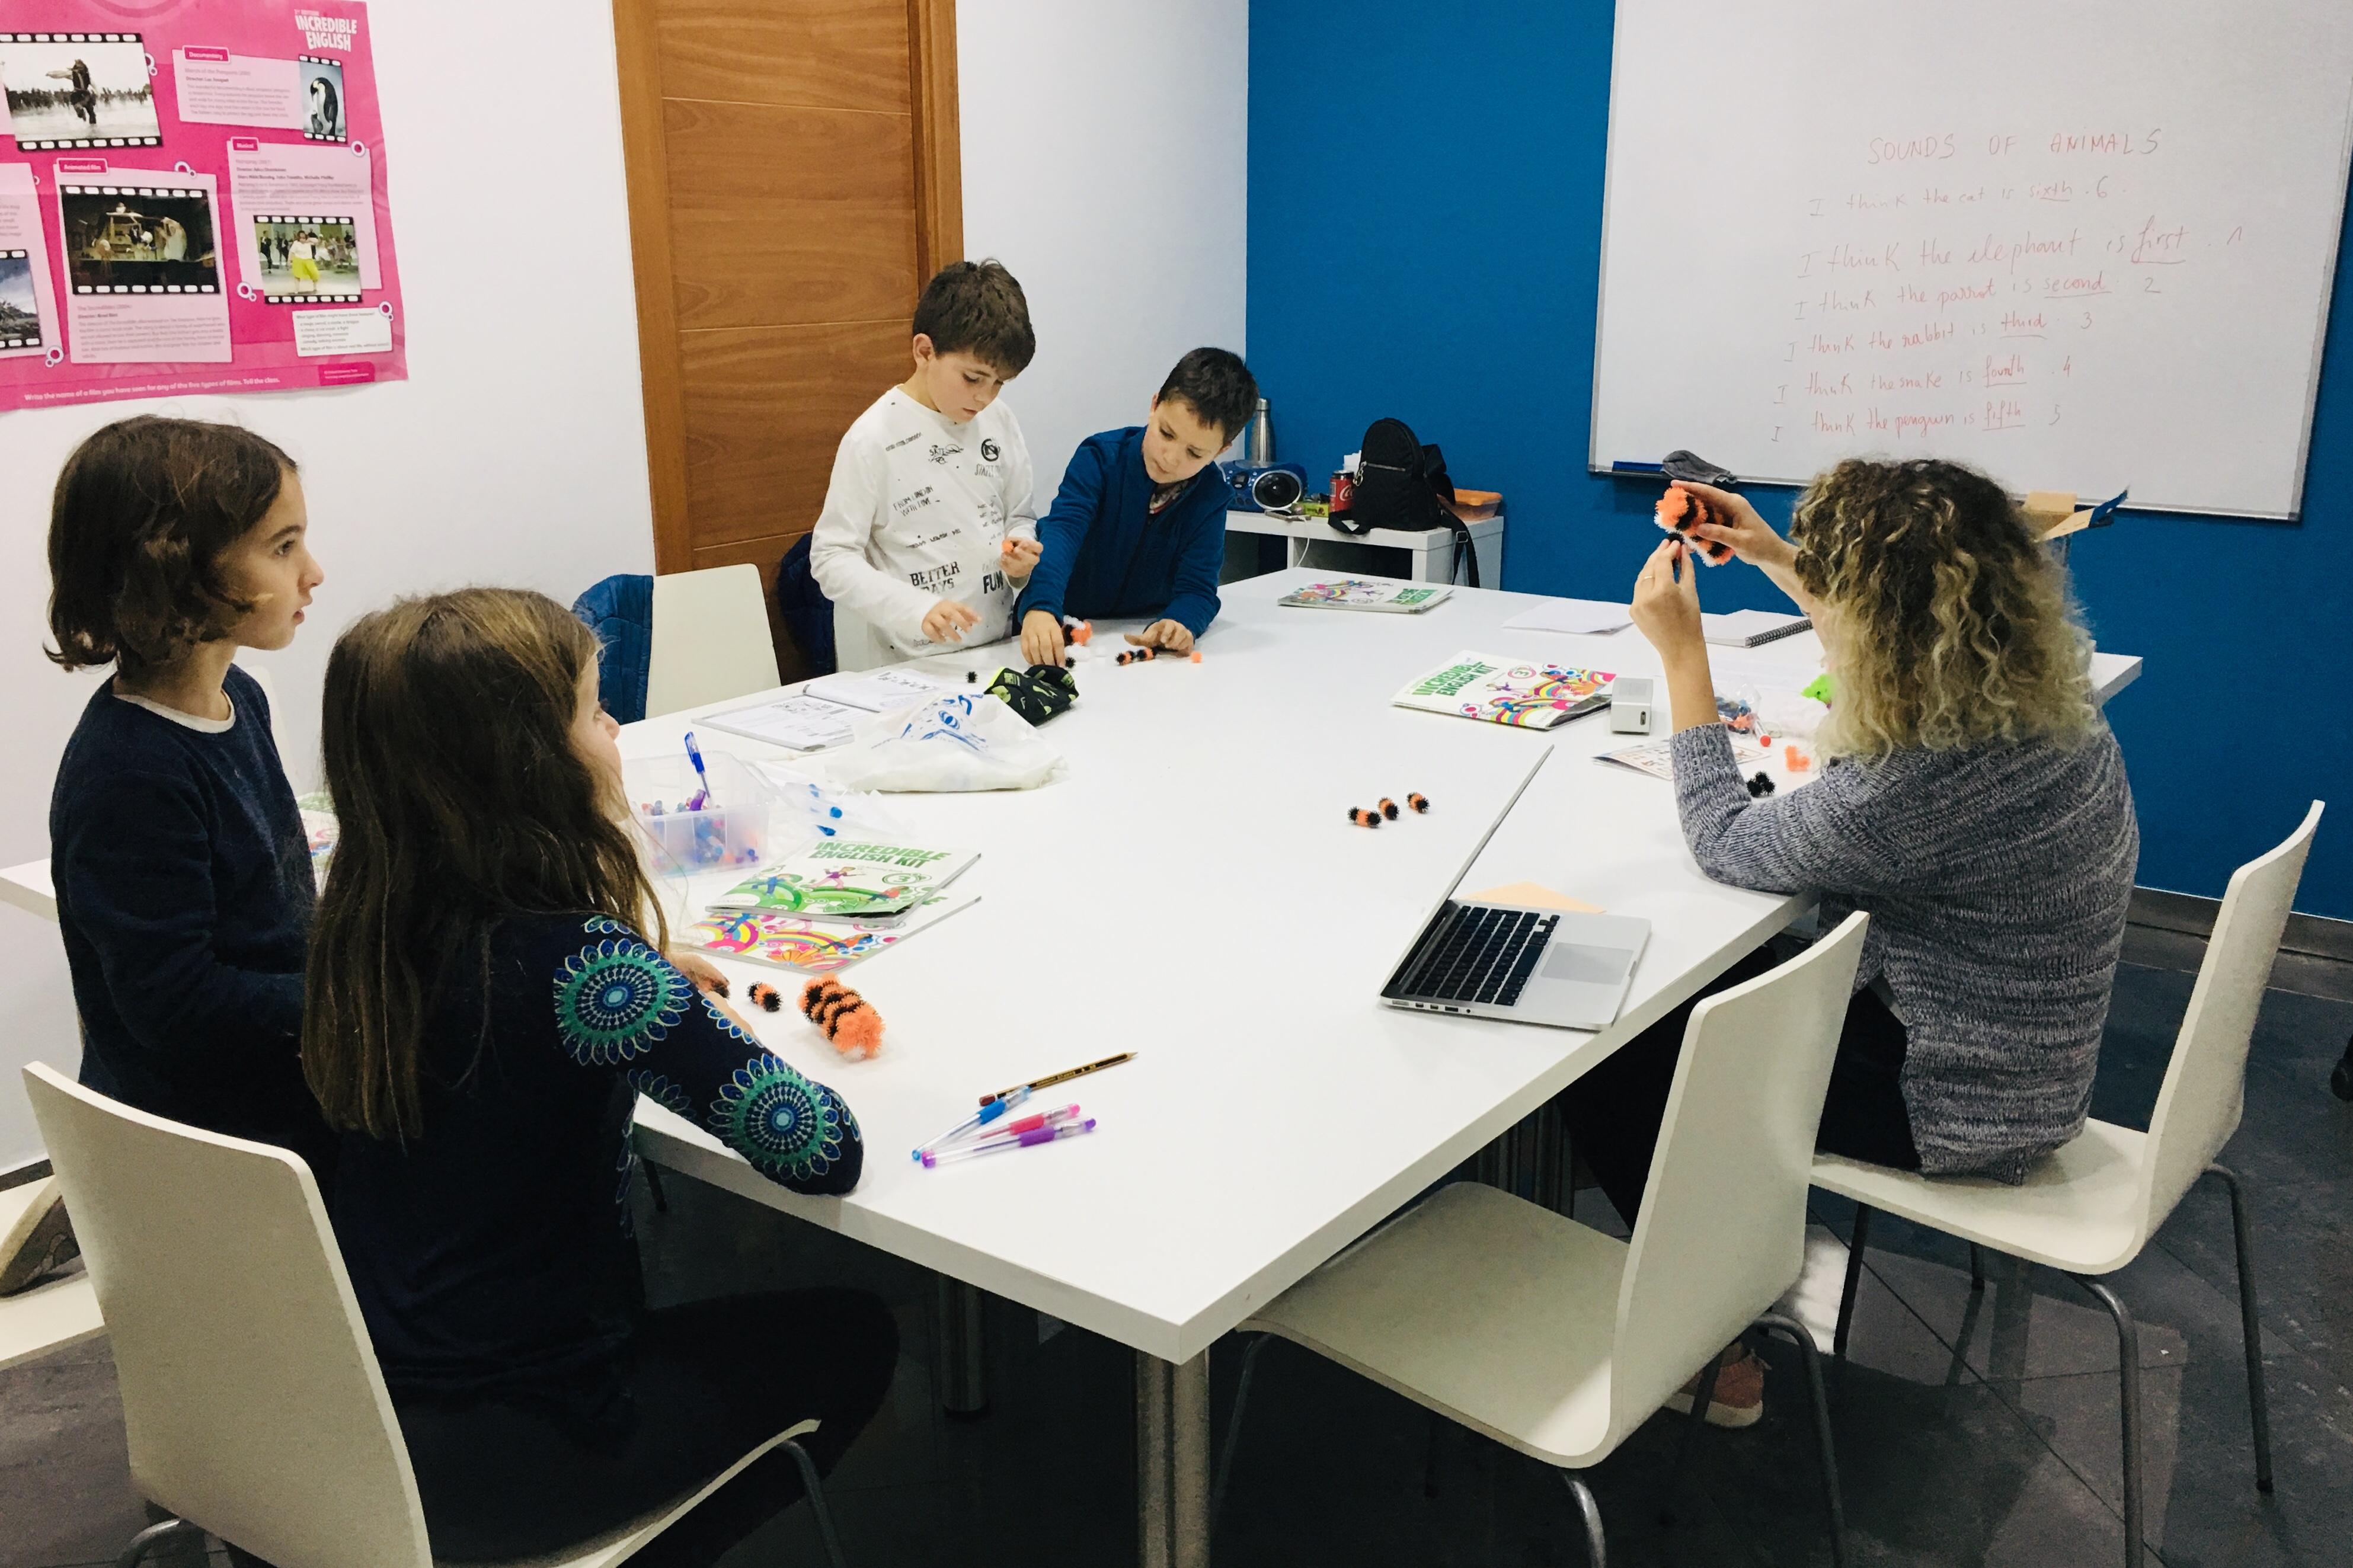 Exploring Creativity amb un dels grups de Kids 8